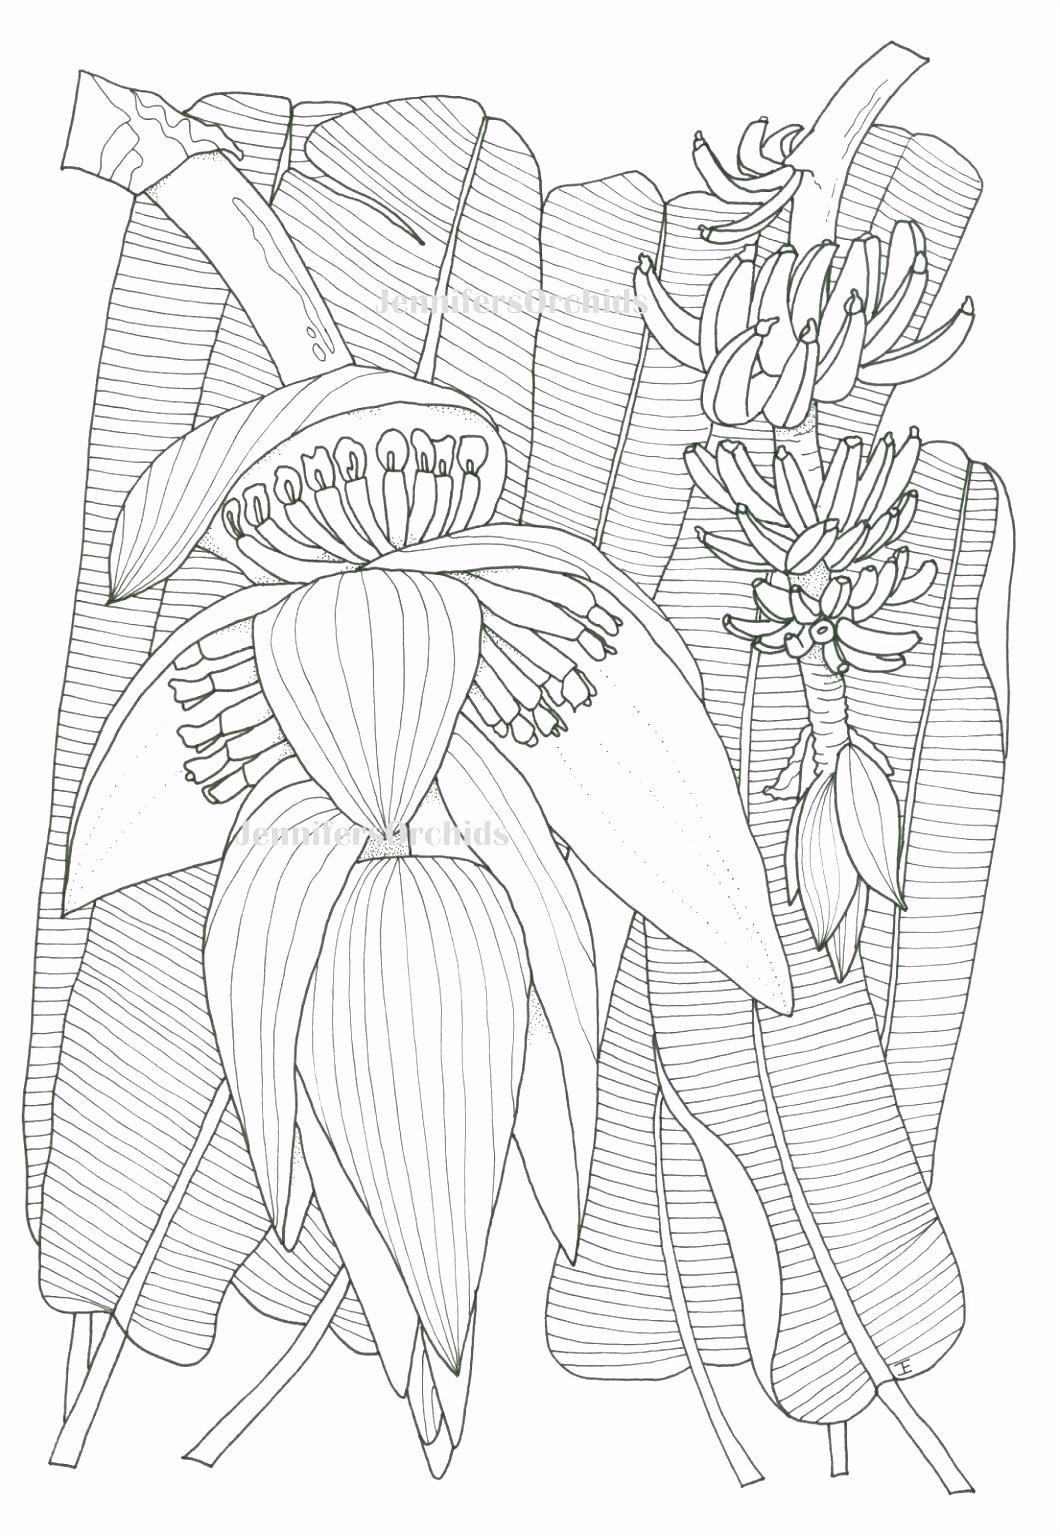 Kleurplaten Kaarten Schilderijen Van orchidee N & andere Botanische Werken 2017 W3ni95mra1 Ohidsslsgu